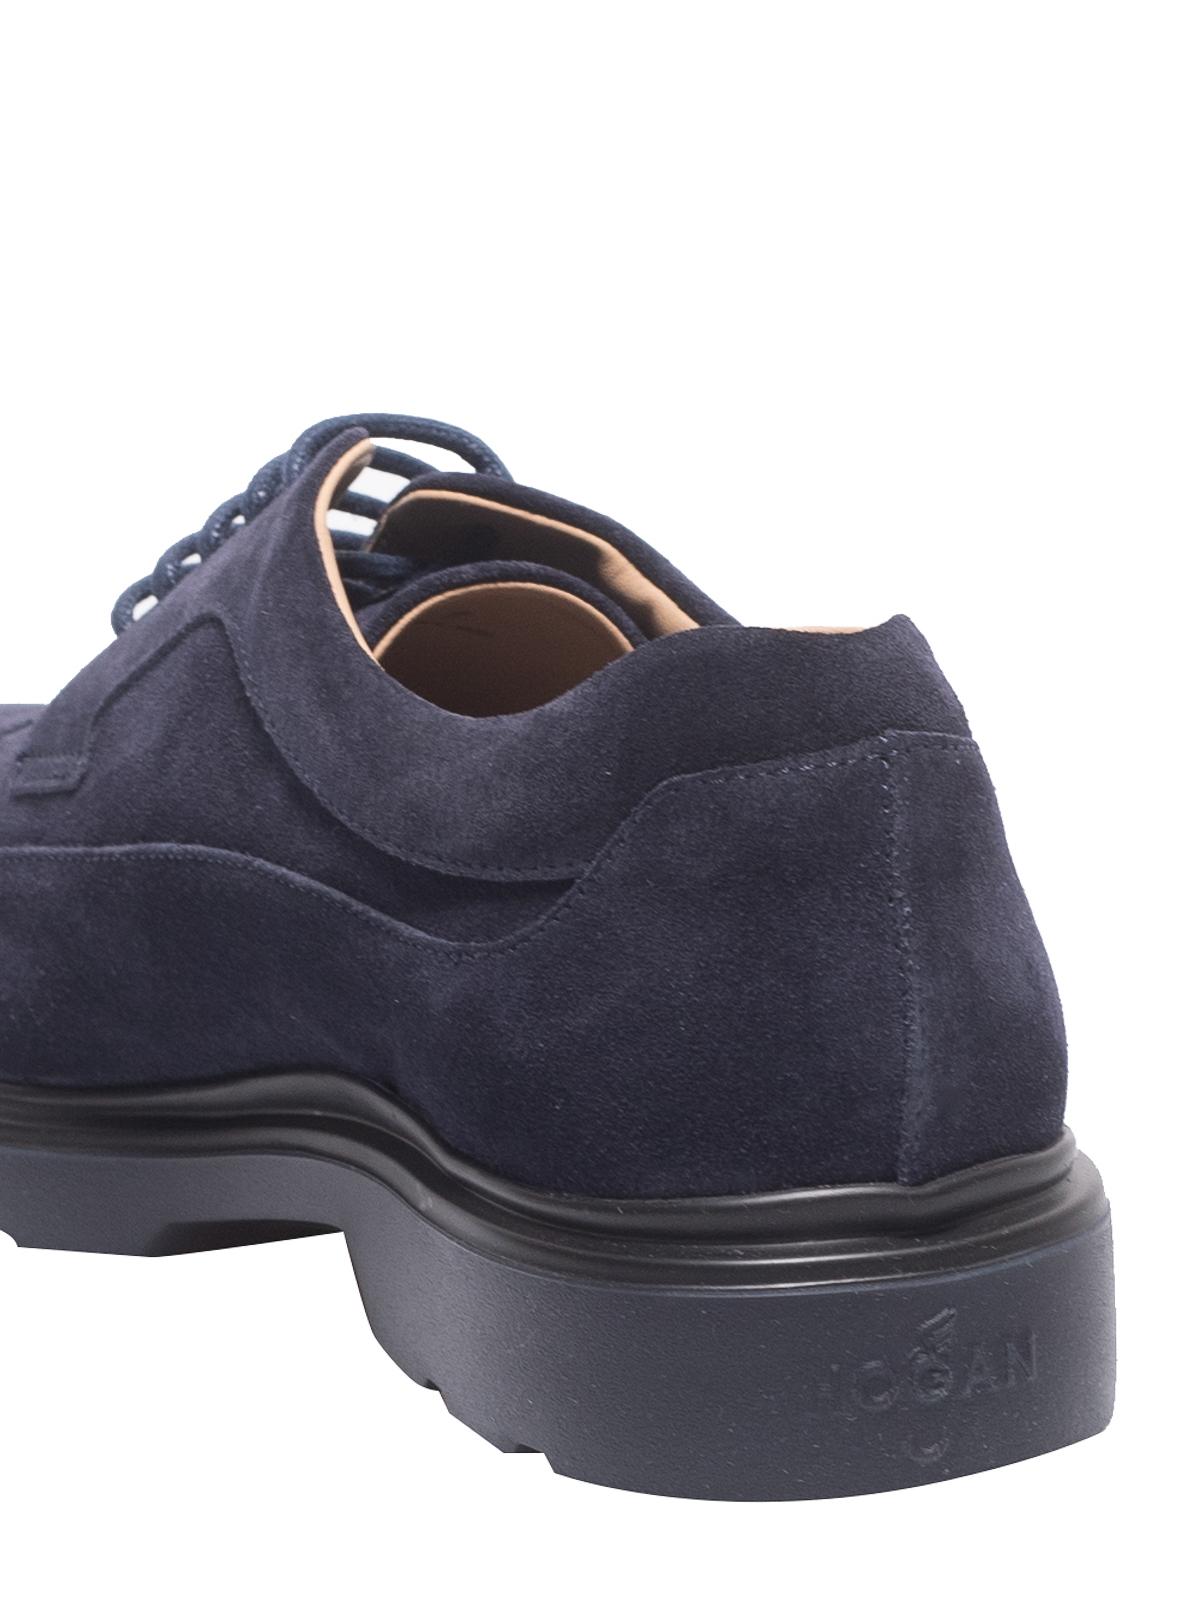 Hogan - Blue suede Derby shoes - lace-ups shoes - HXM3930BH70HG0U801